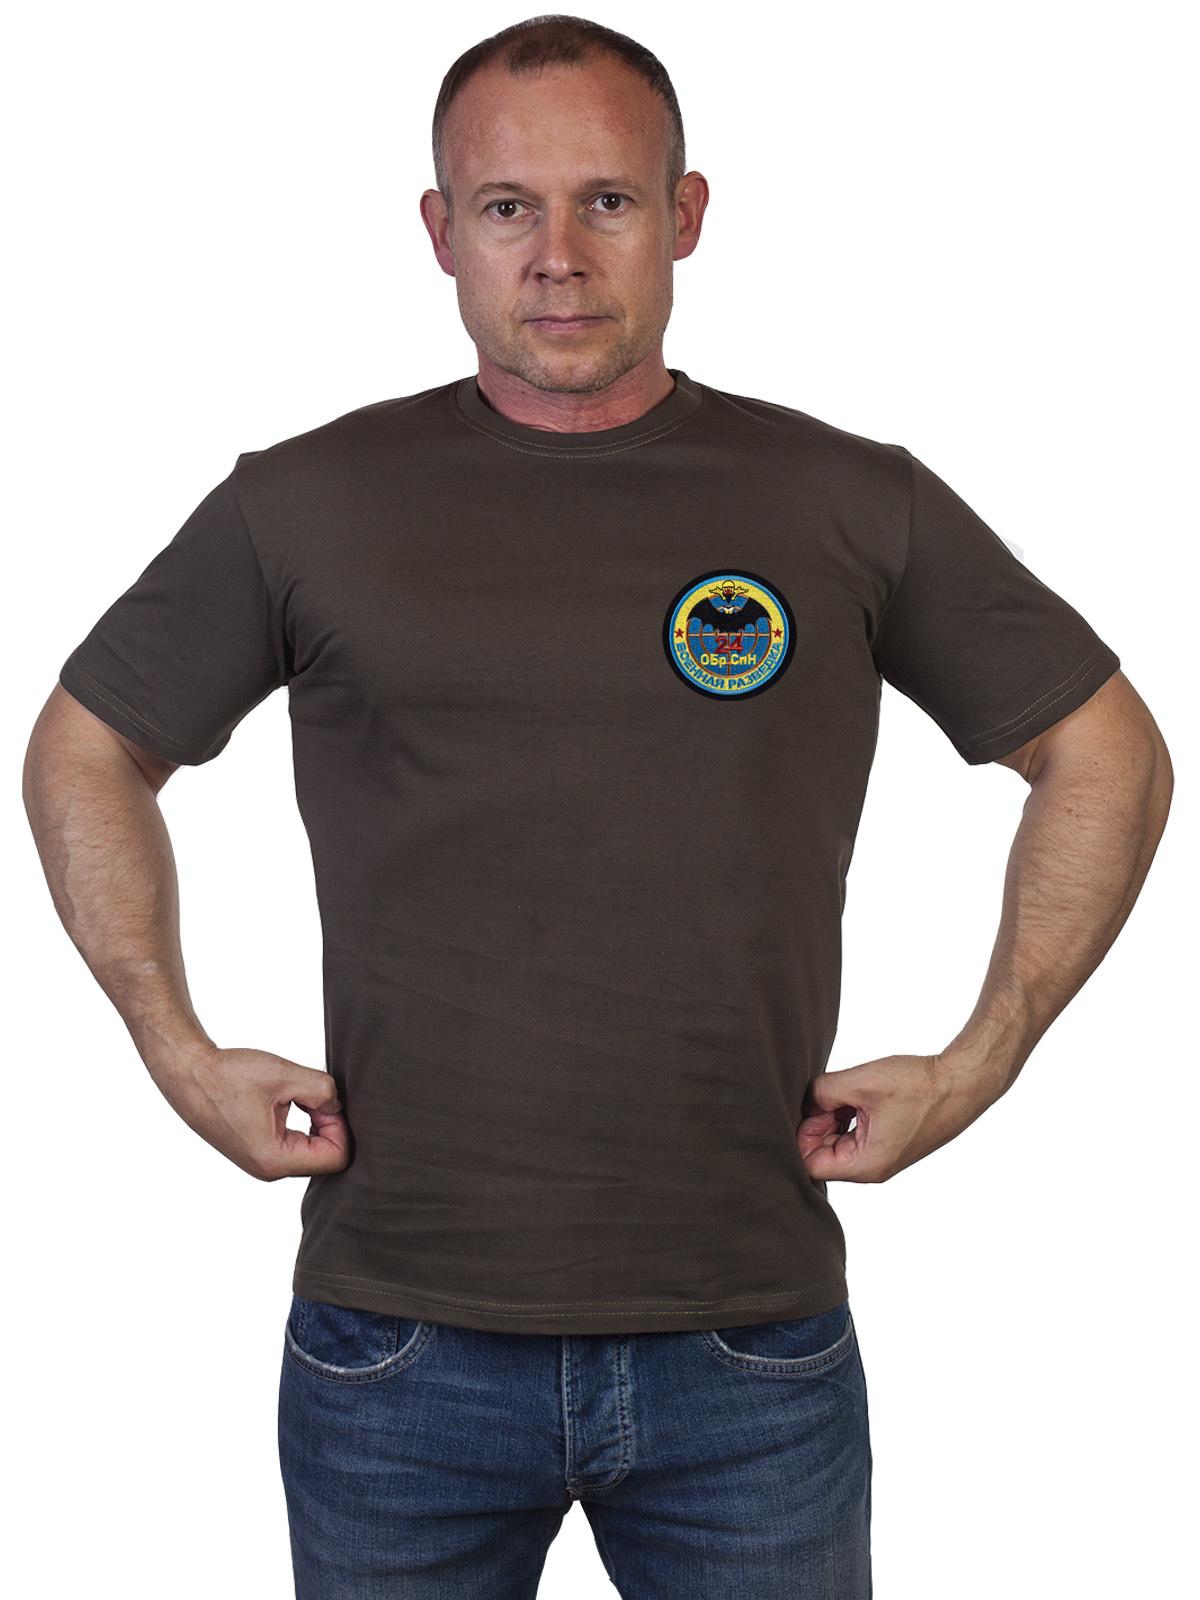 Мужская футболка 24 ОБрСпН оливкового цвета